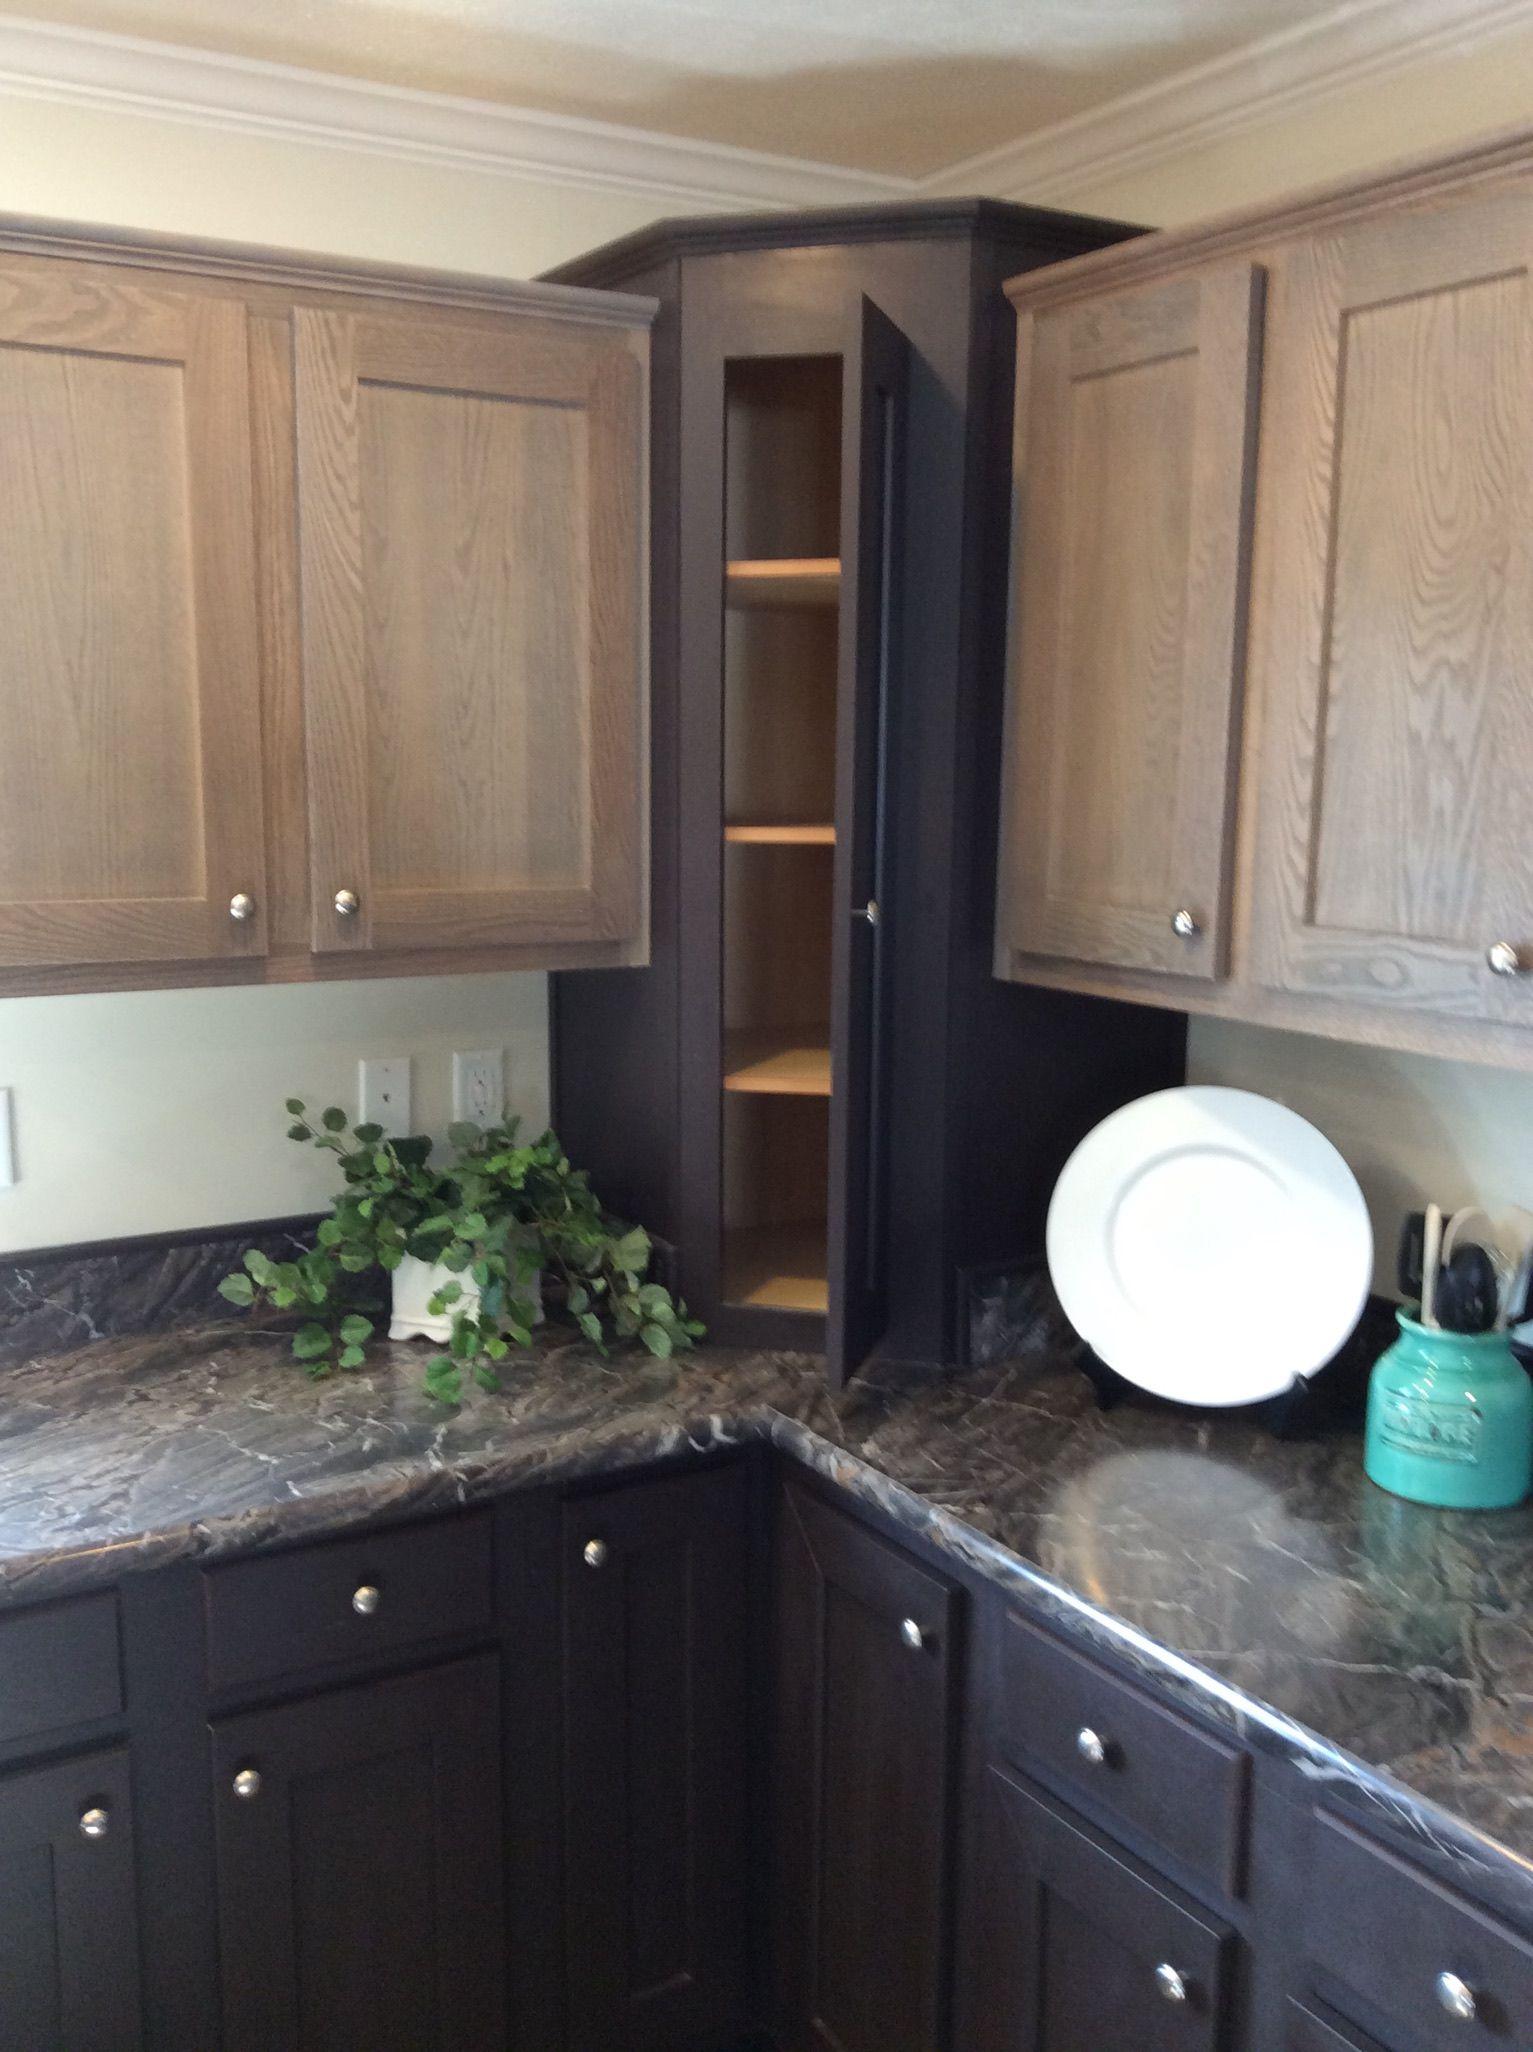 Küchenschränke für kleine küchen pin von sandra auf küchen  pinterest  kuchen